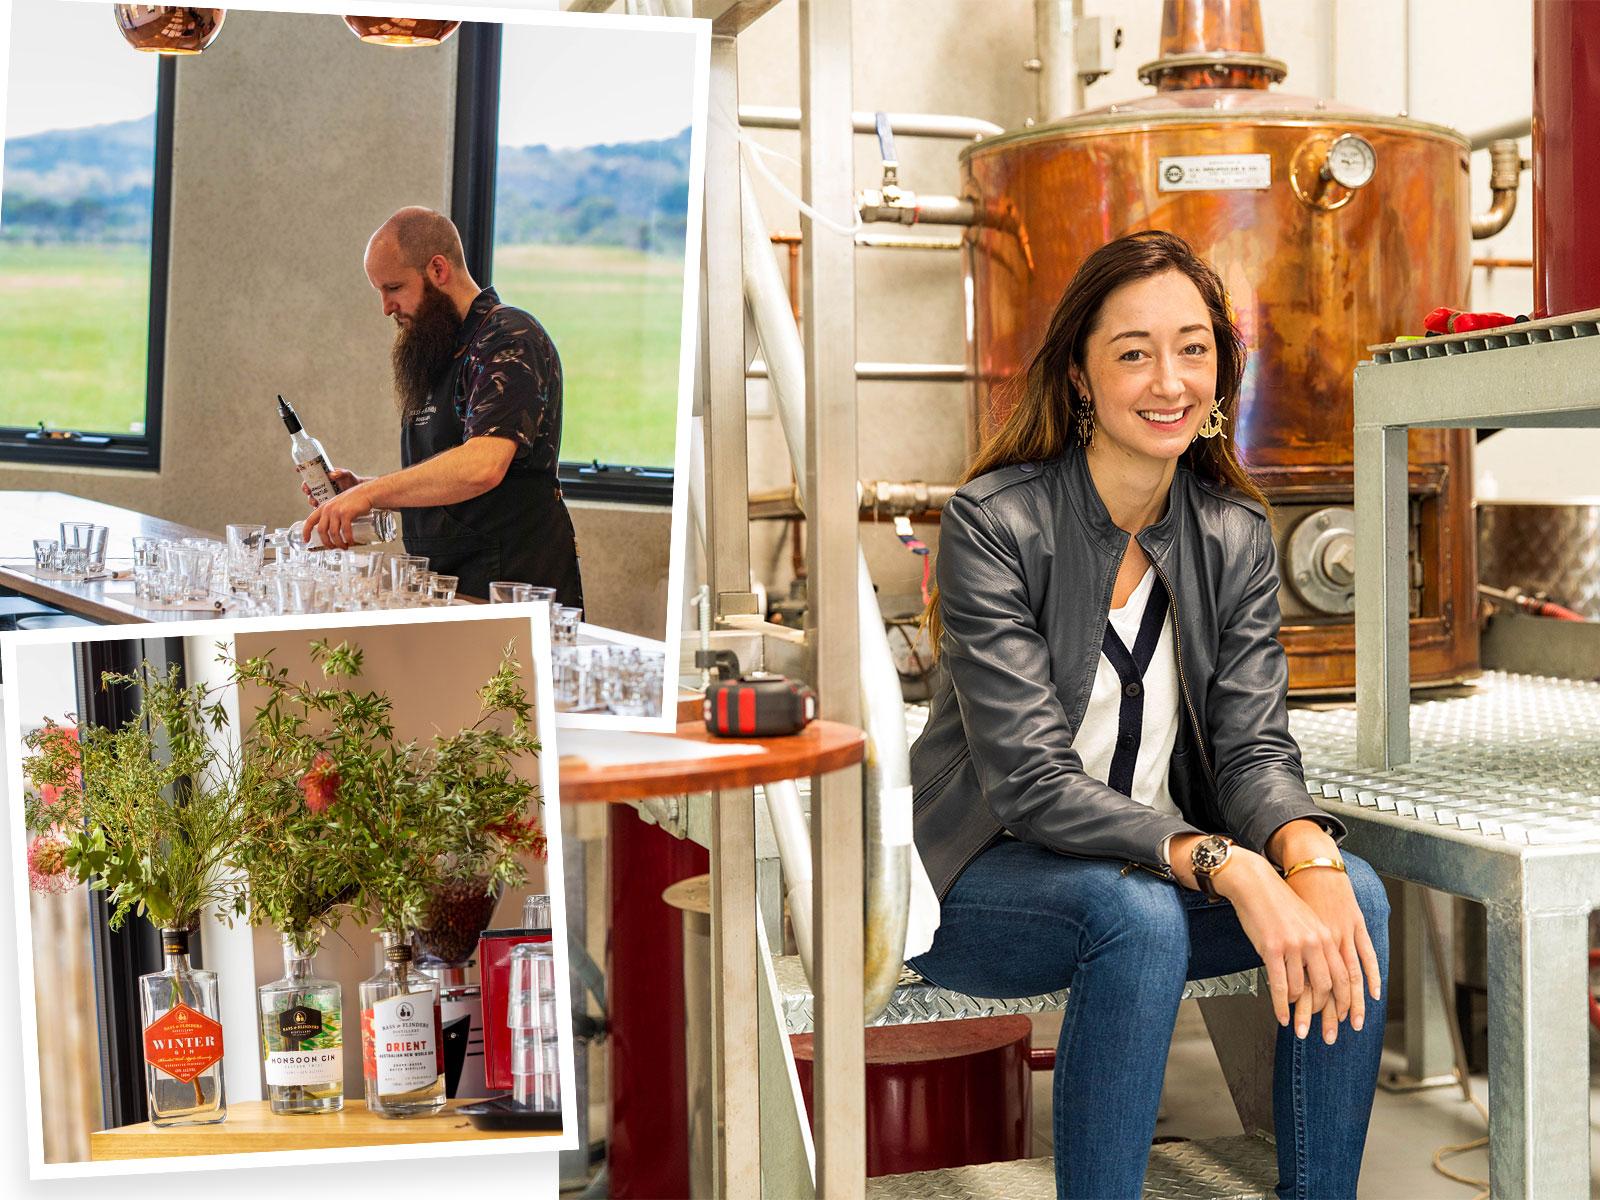 SOCIAL MEDIA MANAGEMENT: Bass & Flinders Distillery